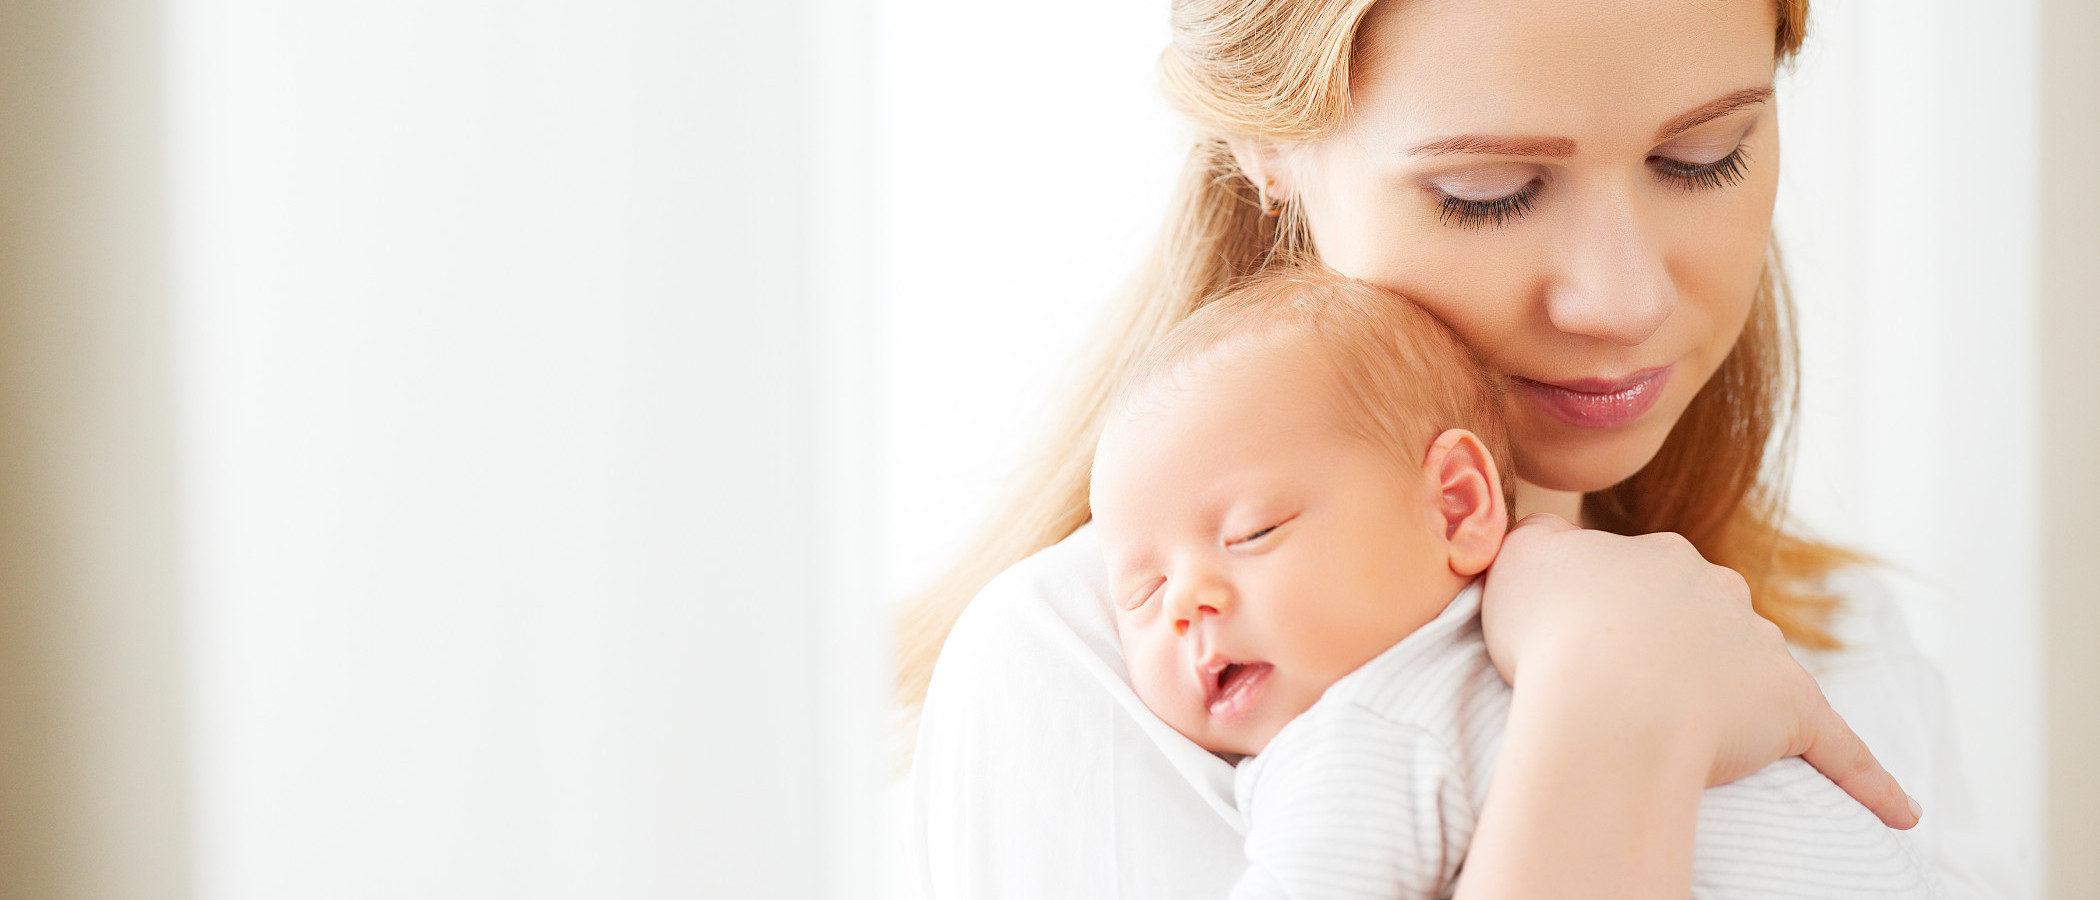 ¿Qué es y por qué se produce la muerte súbita en los bebés?